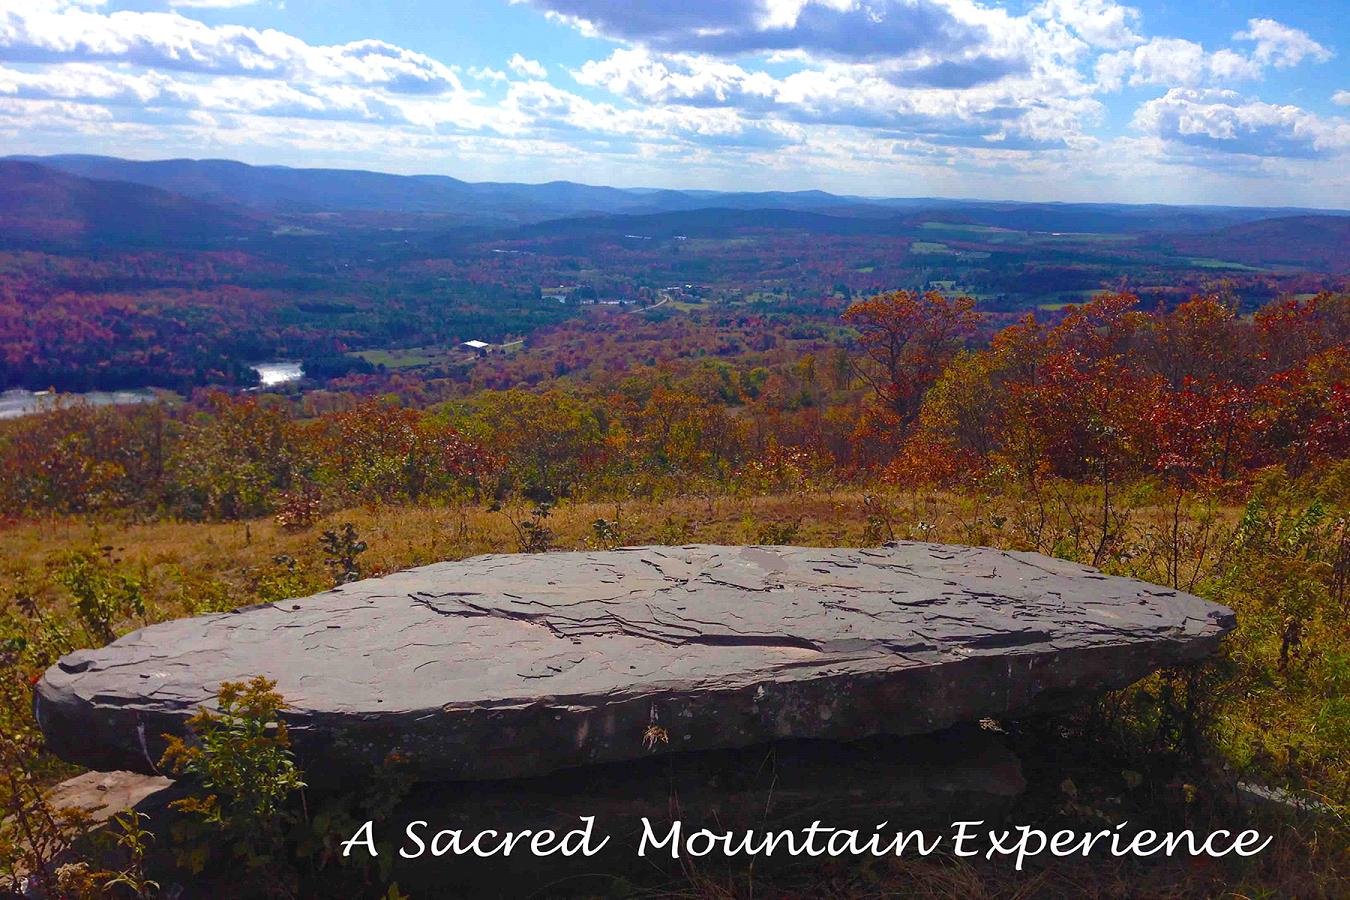 Castle Mountain – A Sacred Mountain